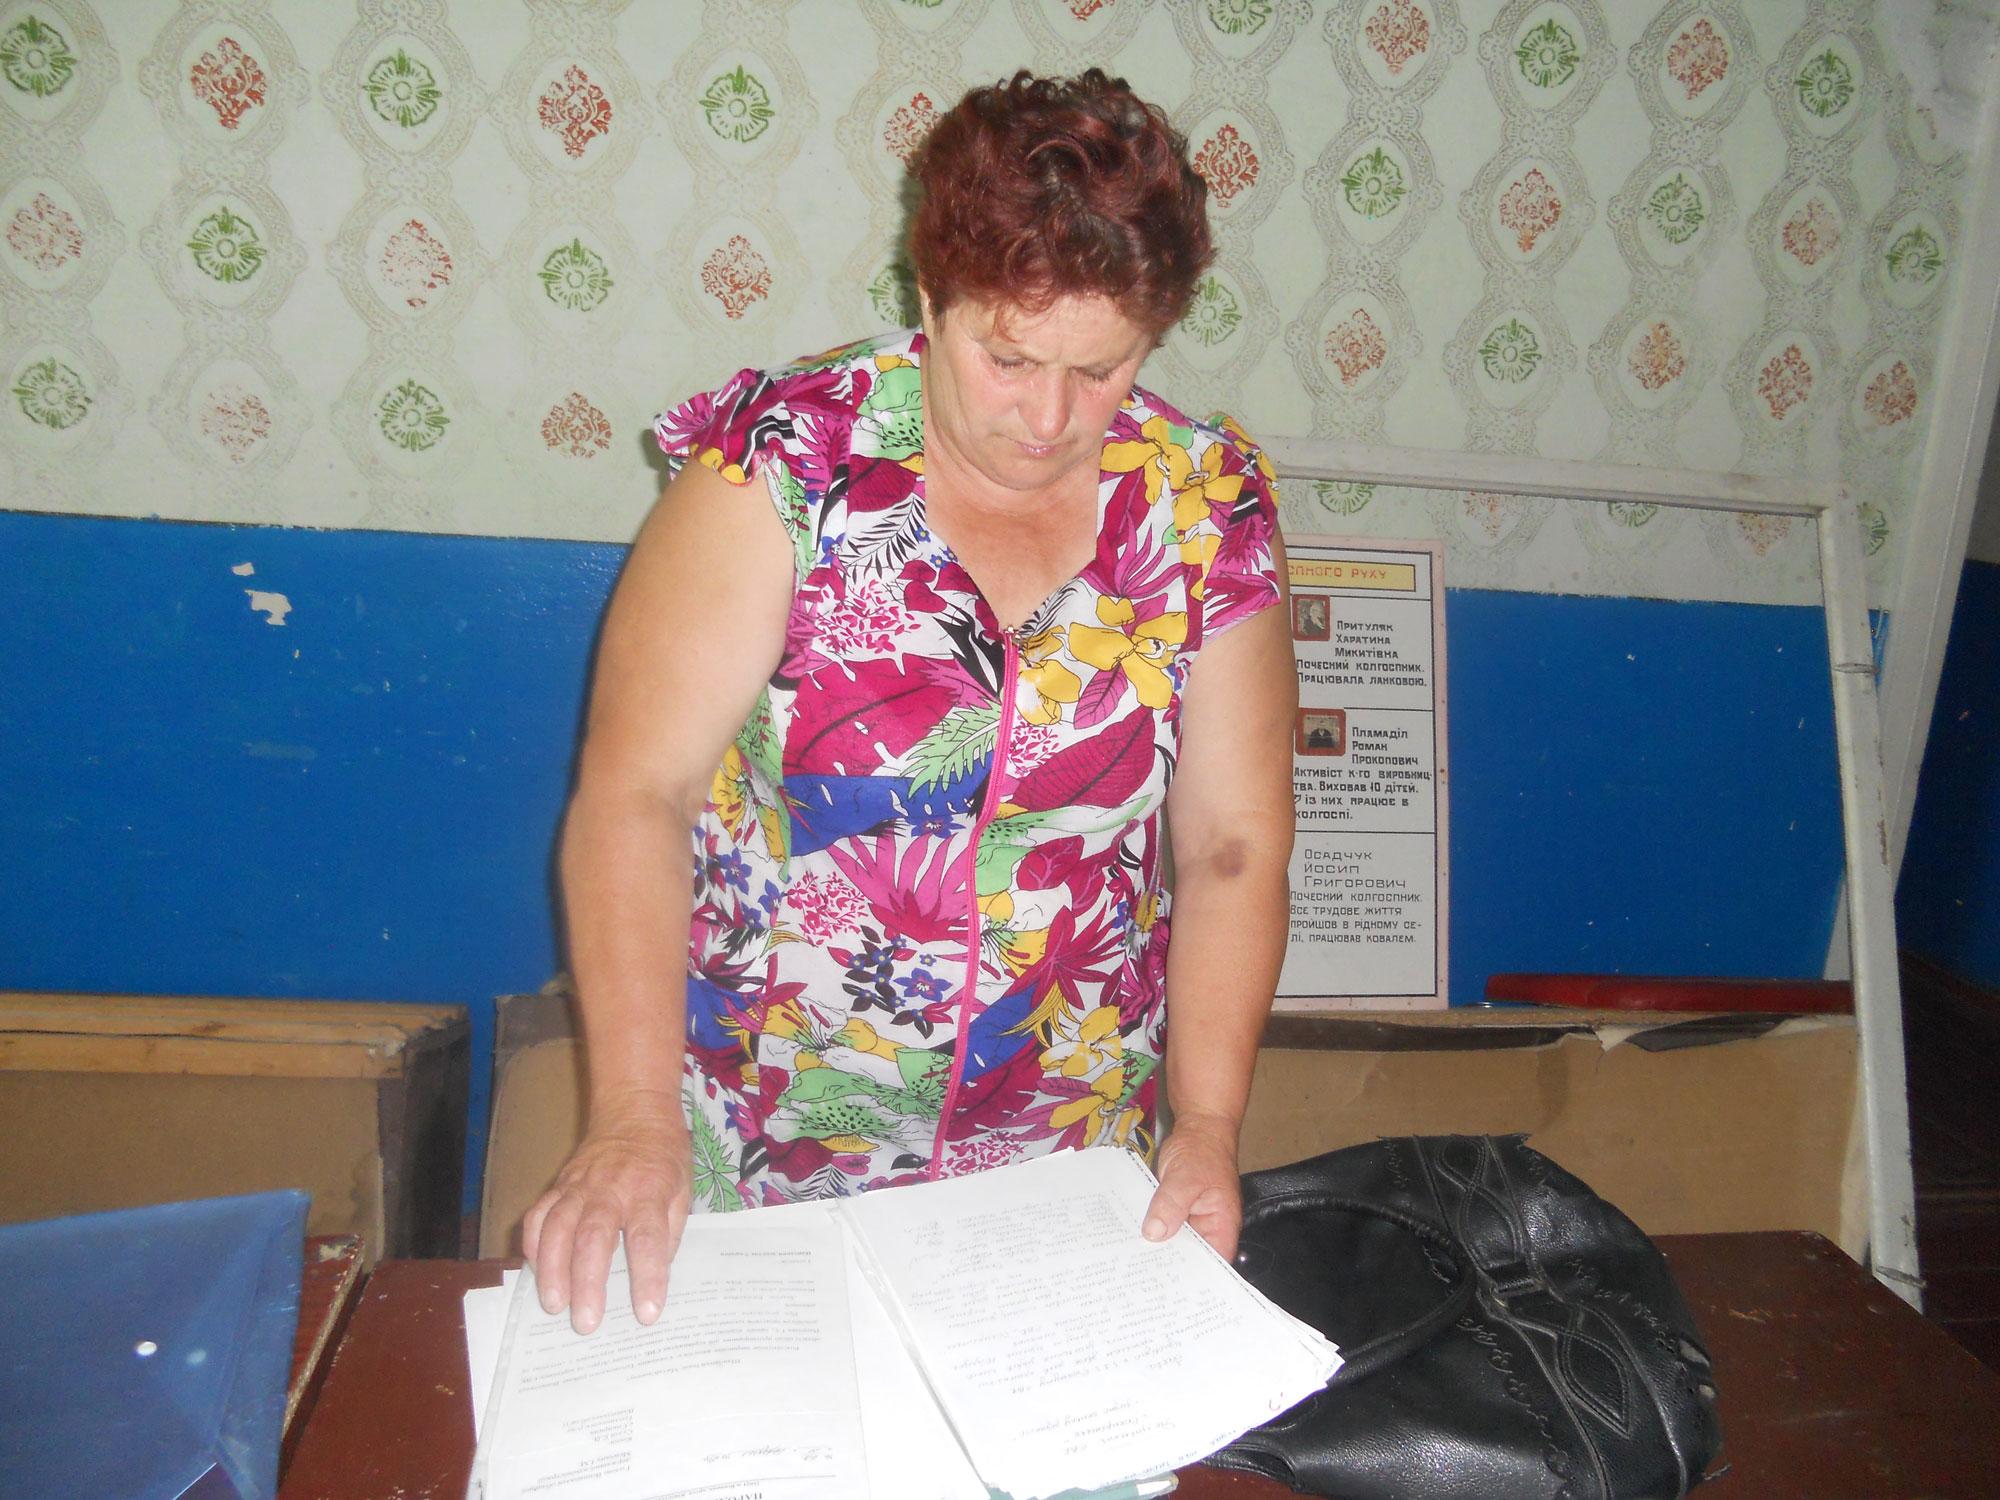 У 2013 році апеляційний суд Вінницької області визнав, що наше майно розпродали незаконно. З того часу нічого не змінилося, -говорить Катерина Суха